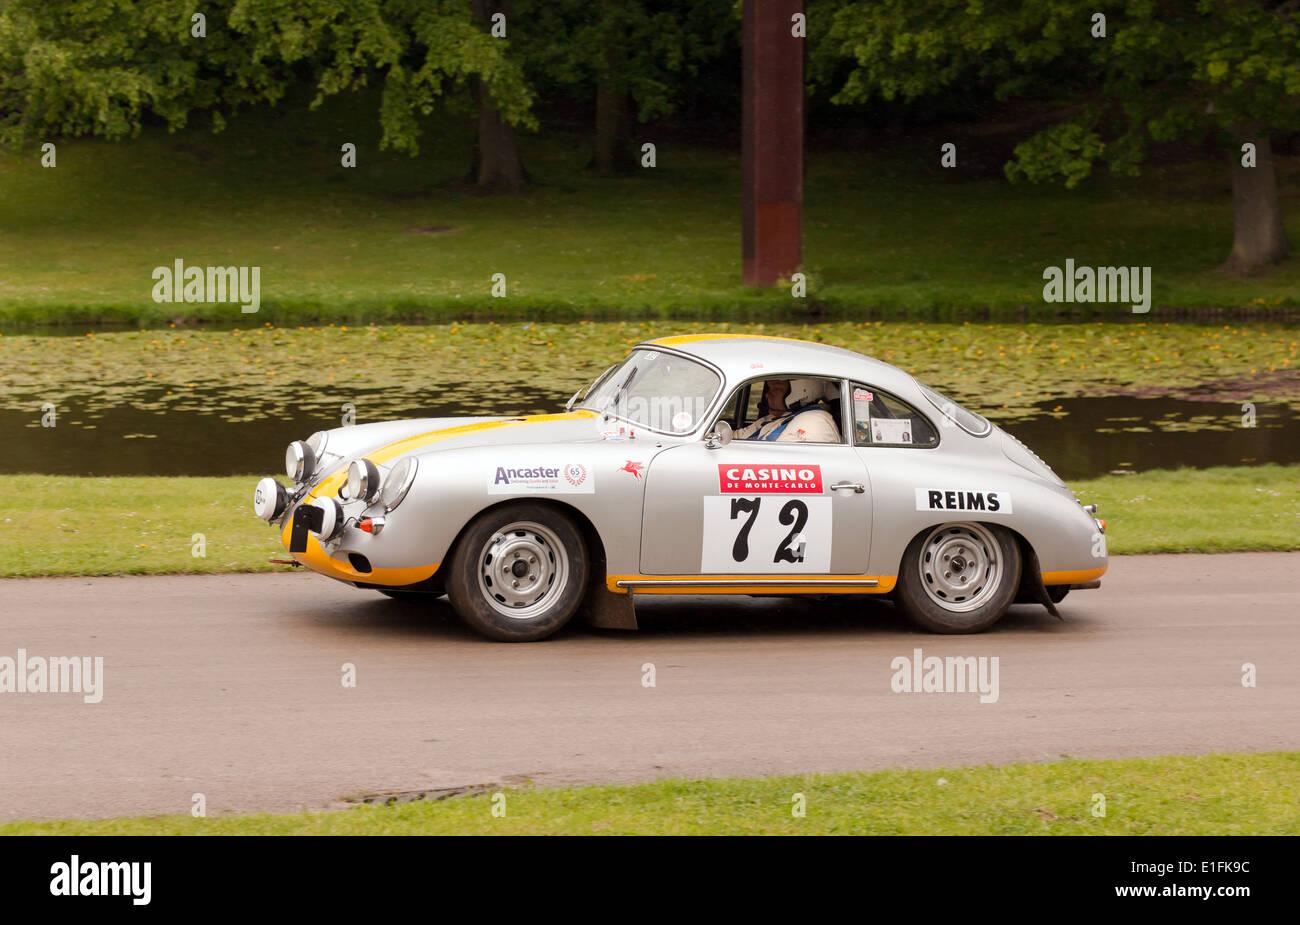 Un 1962 Porsche 356, gareggiando nella gara sprint al 2014 Motorsport al posto. Immagini Stock